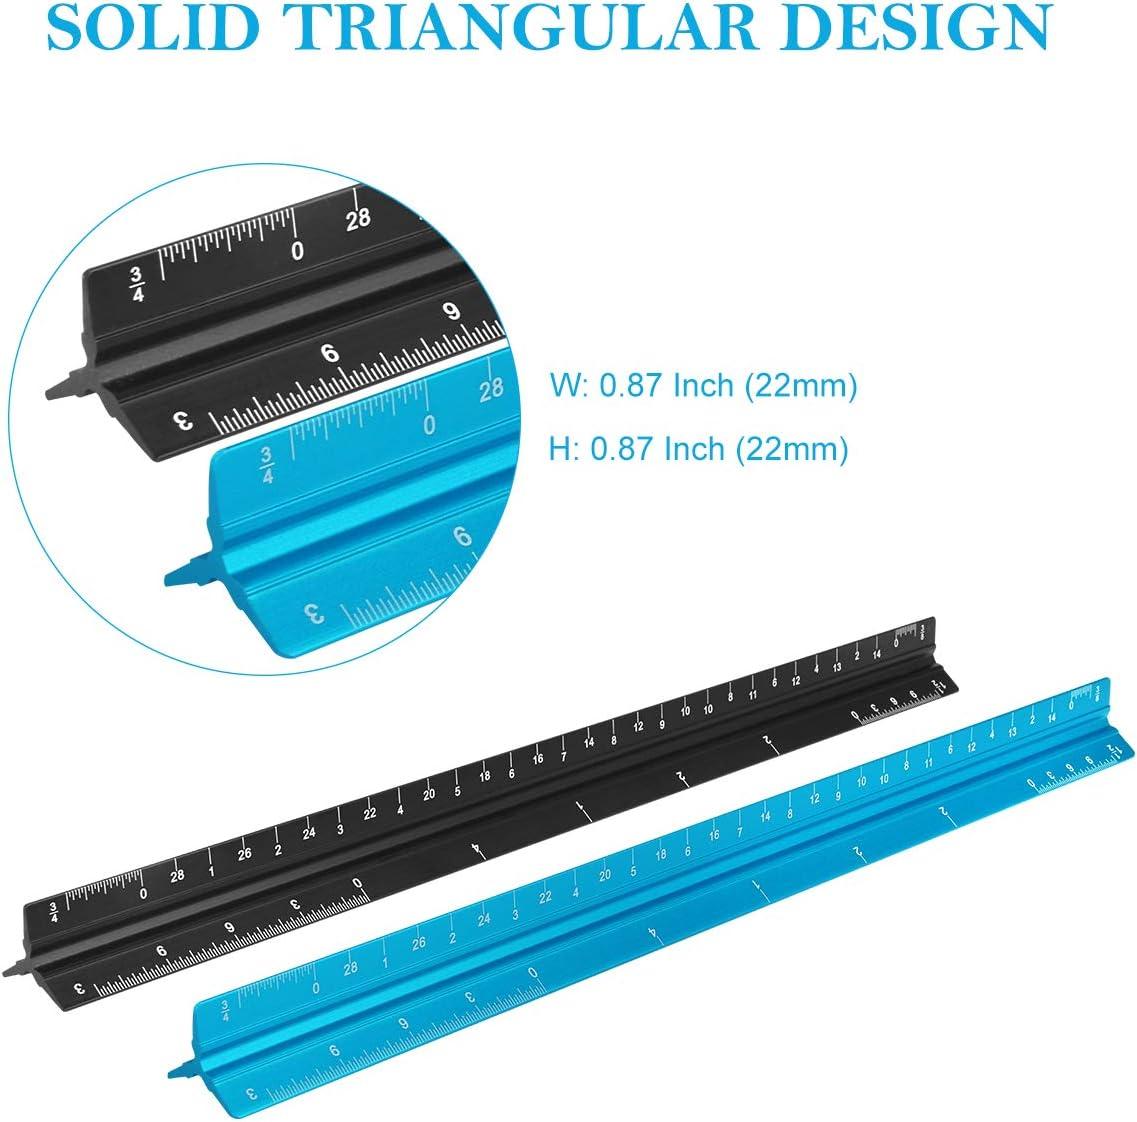 Hotgod 30,5 cm Architektur-Lineal 1 blaues Architektur-Lineal + 1 schwarzes Architektur-Lineal dreieckiges Zeichenwerkzeug f/ür Blueprints